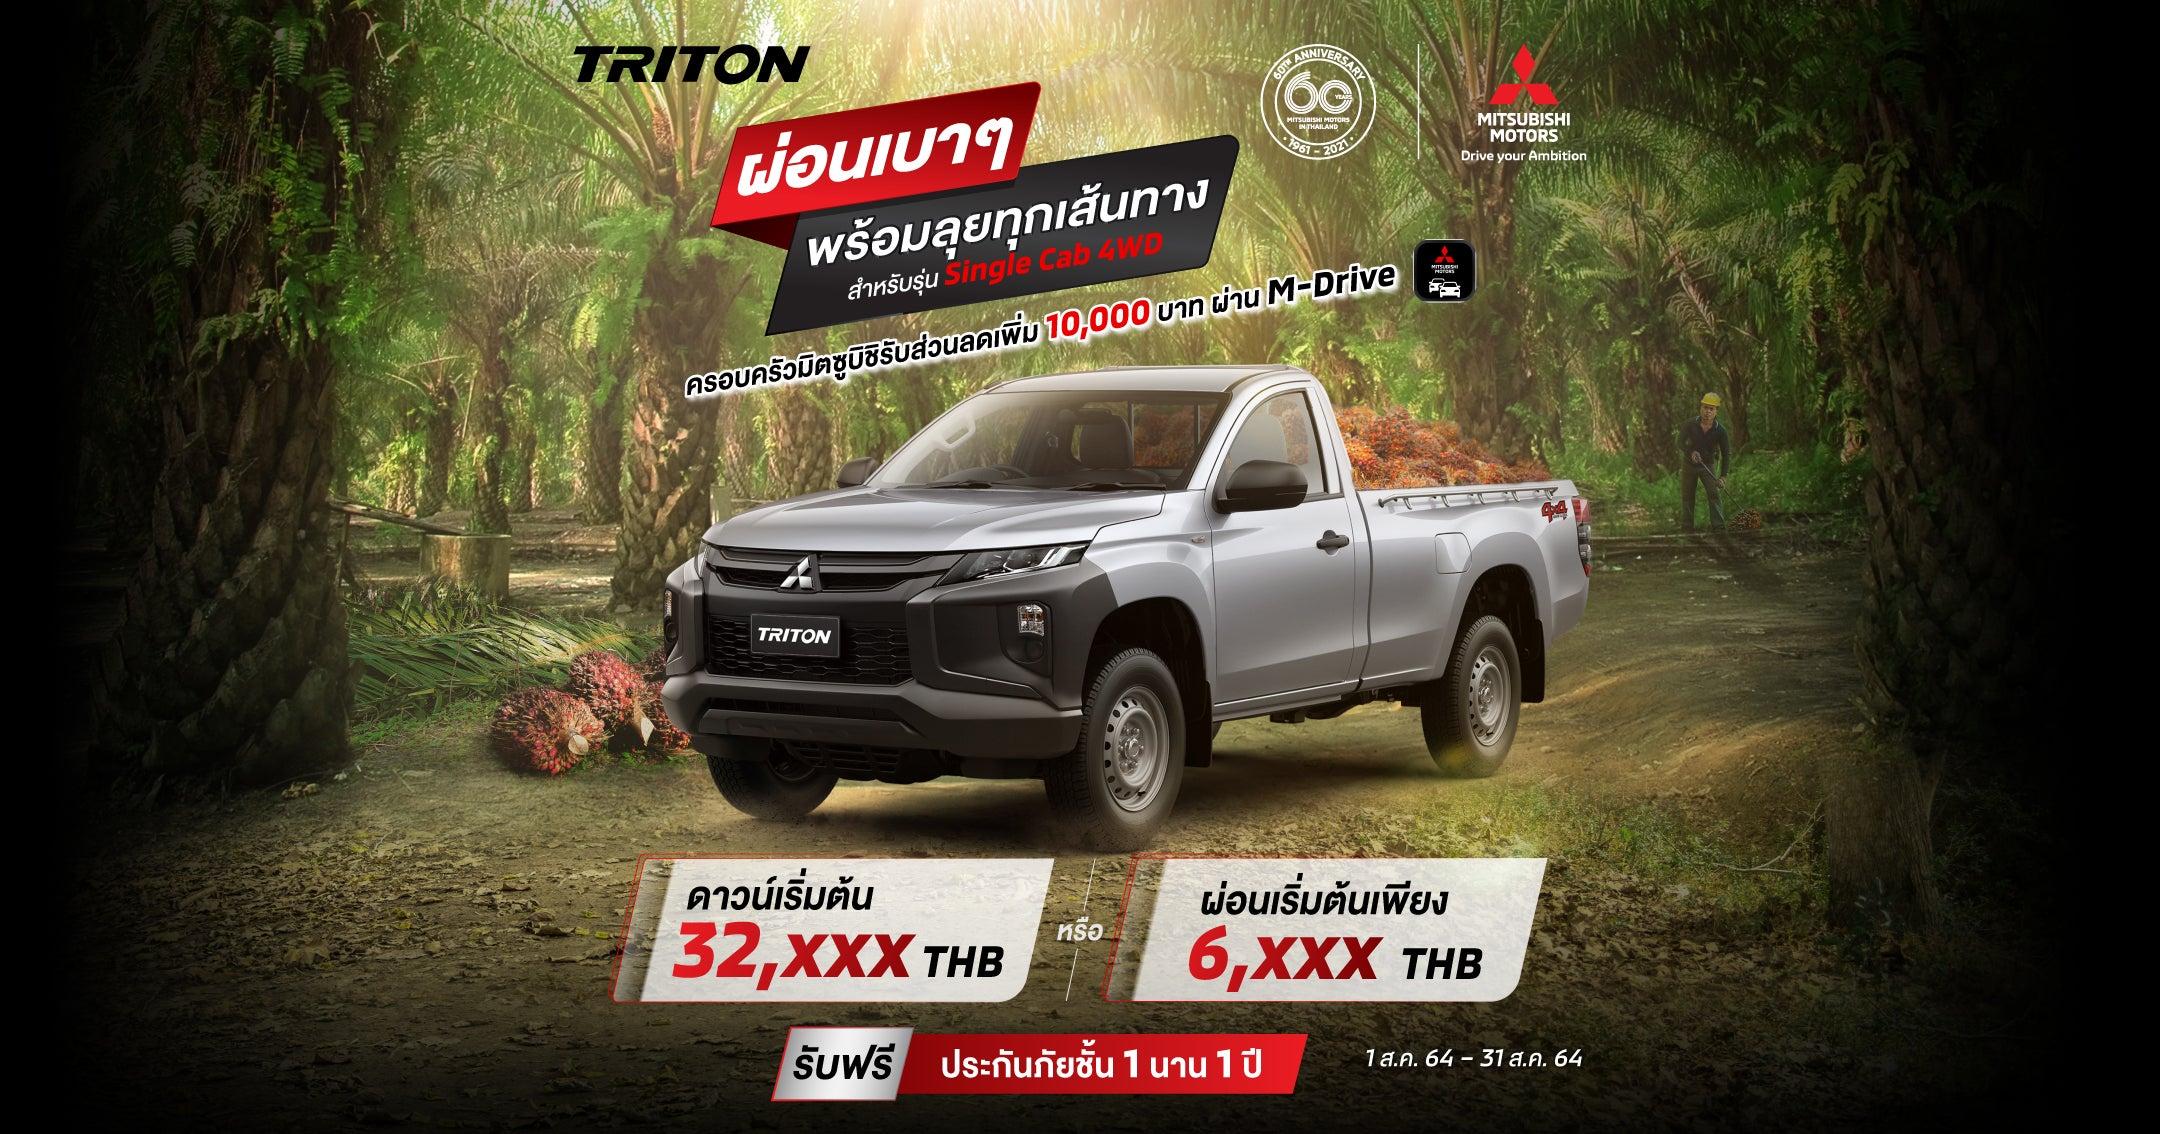 New Triton สำหรับรุ่น ซิงเกิ้ล แค็บ (4WD) ดาวน์เริ่มต้นเพียง 32,XXX บาท